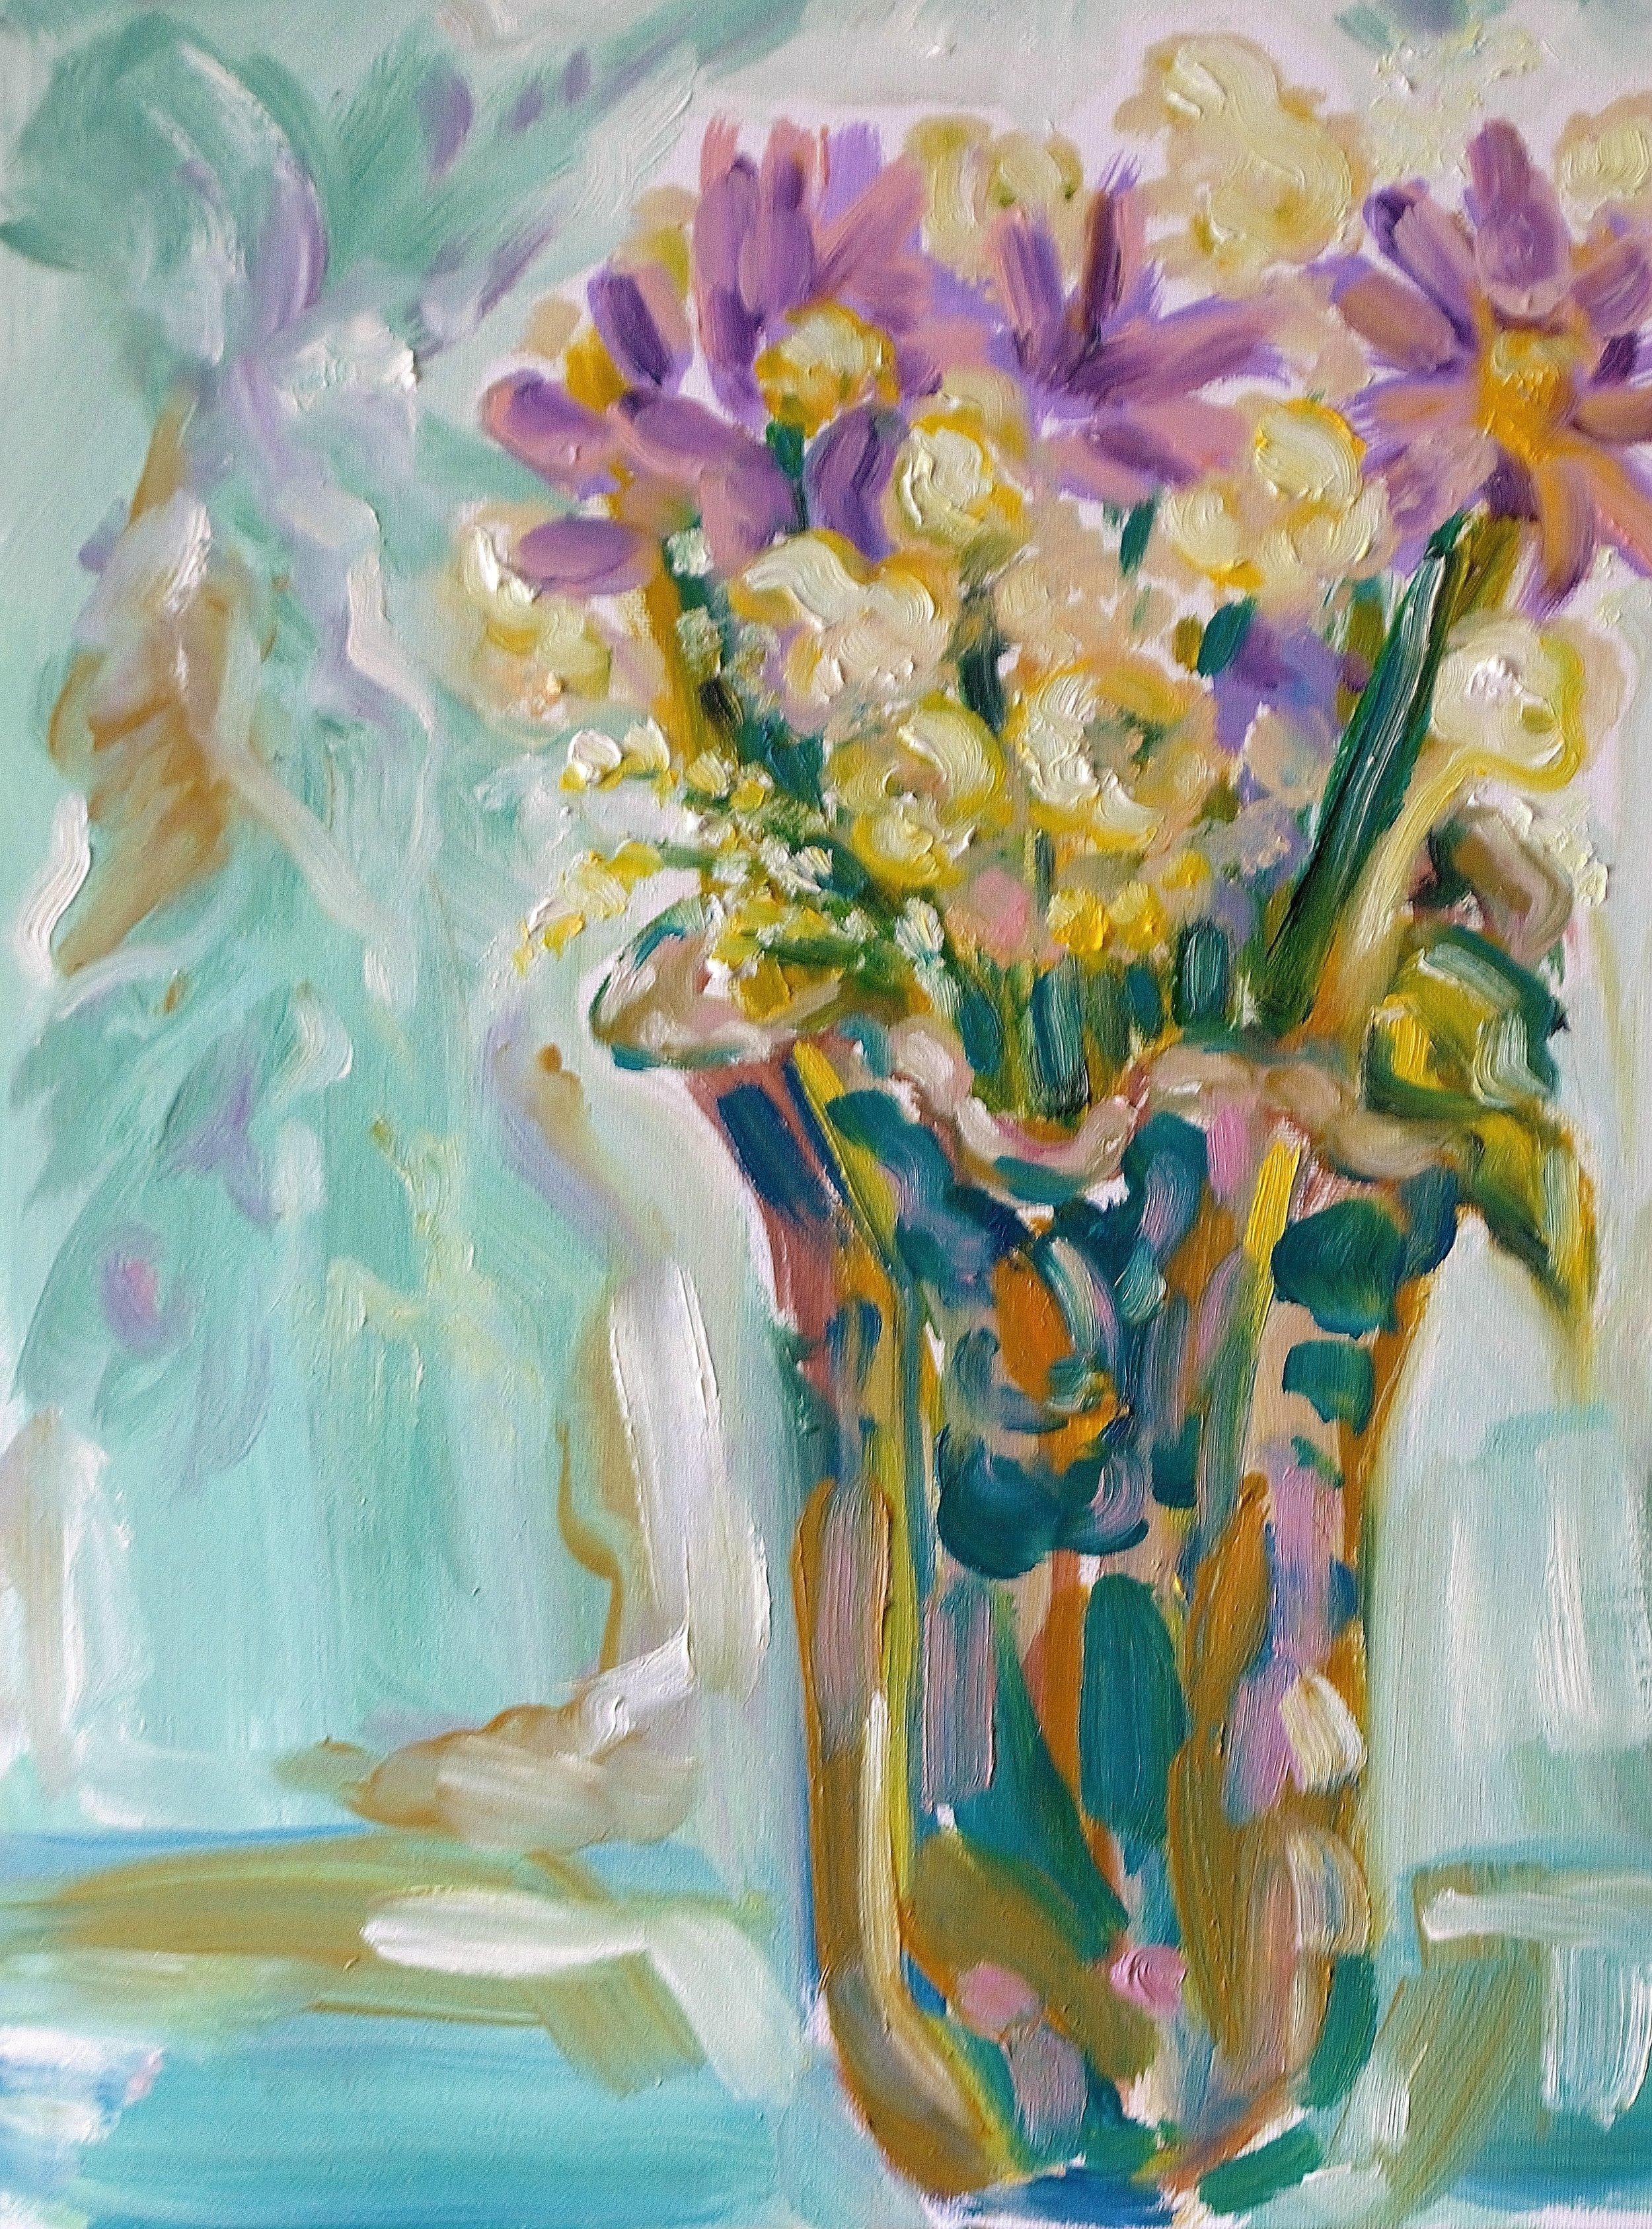 Patricia    Oil on Canvas Board  12 x 16  Sold